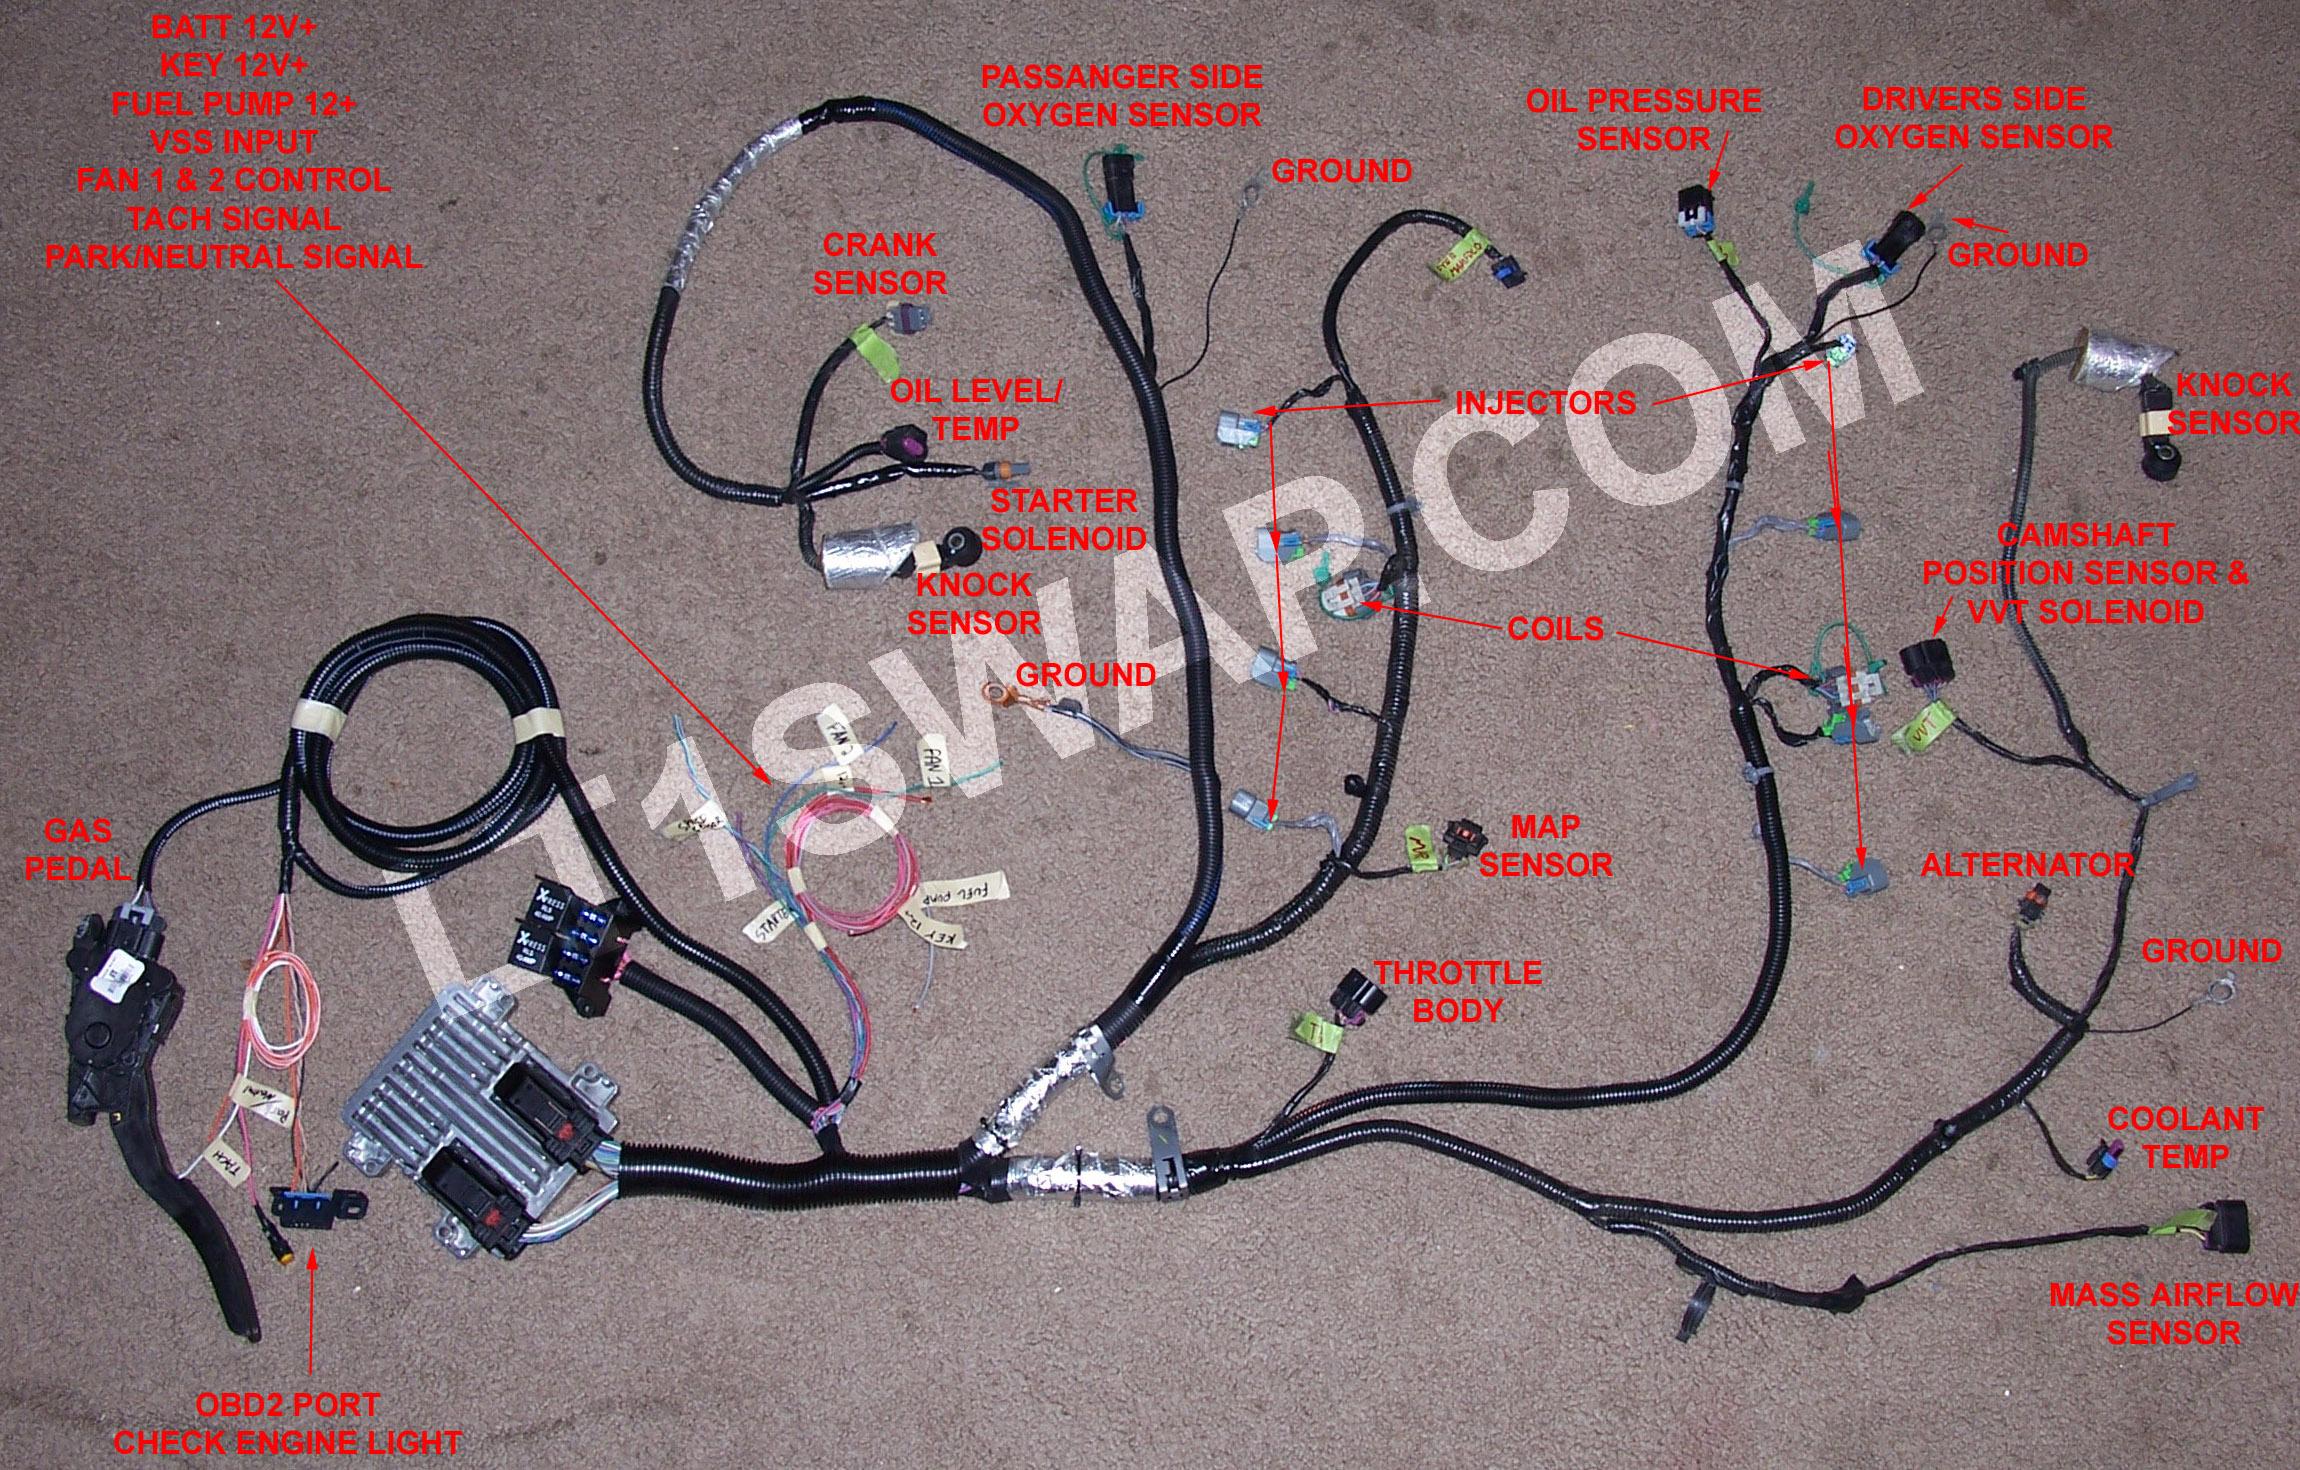 Lt1 Engine Wiring Harness Diagram - Ford Trailer Wiring Code List Data  Schematicsantuariomadredelbuonconsiglio.it